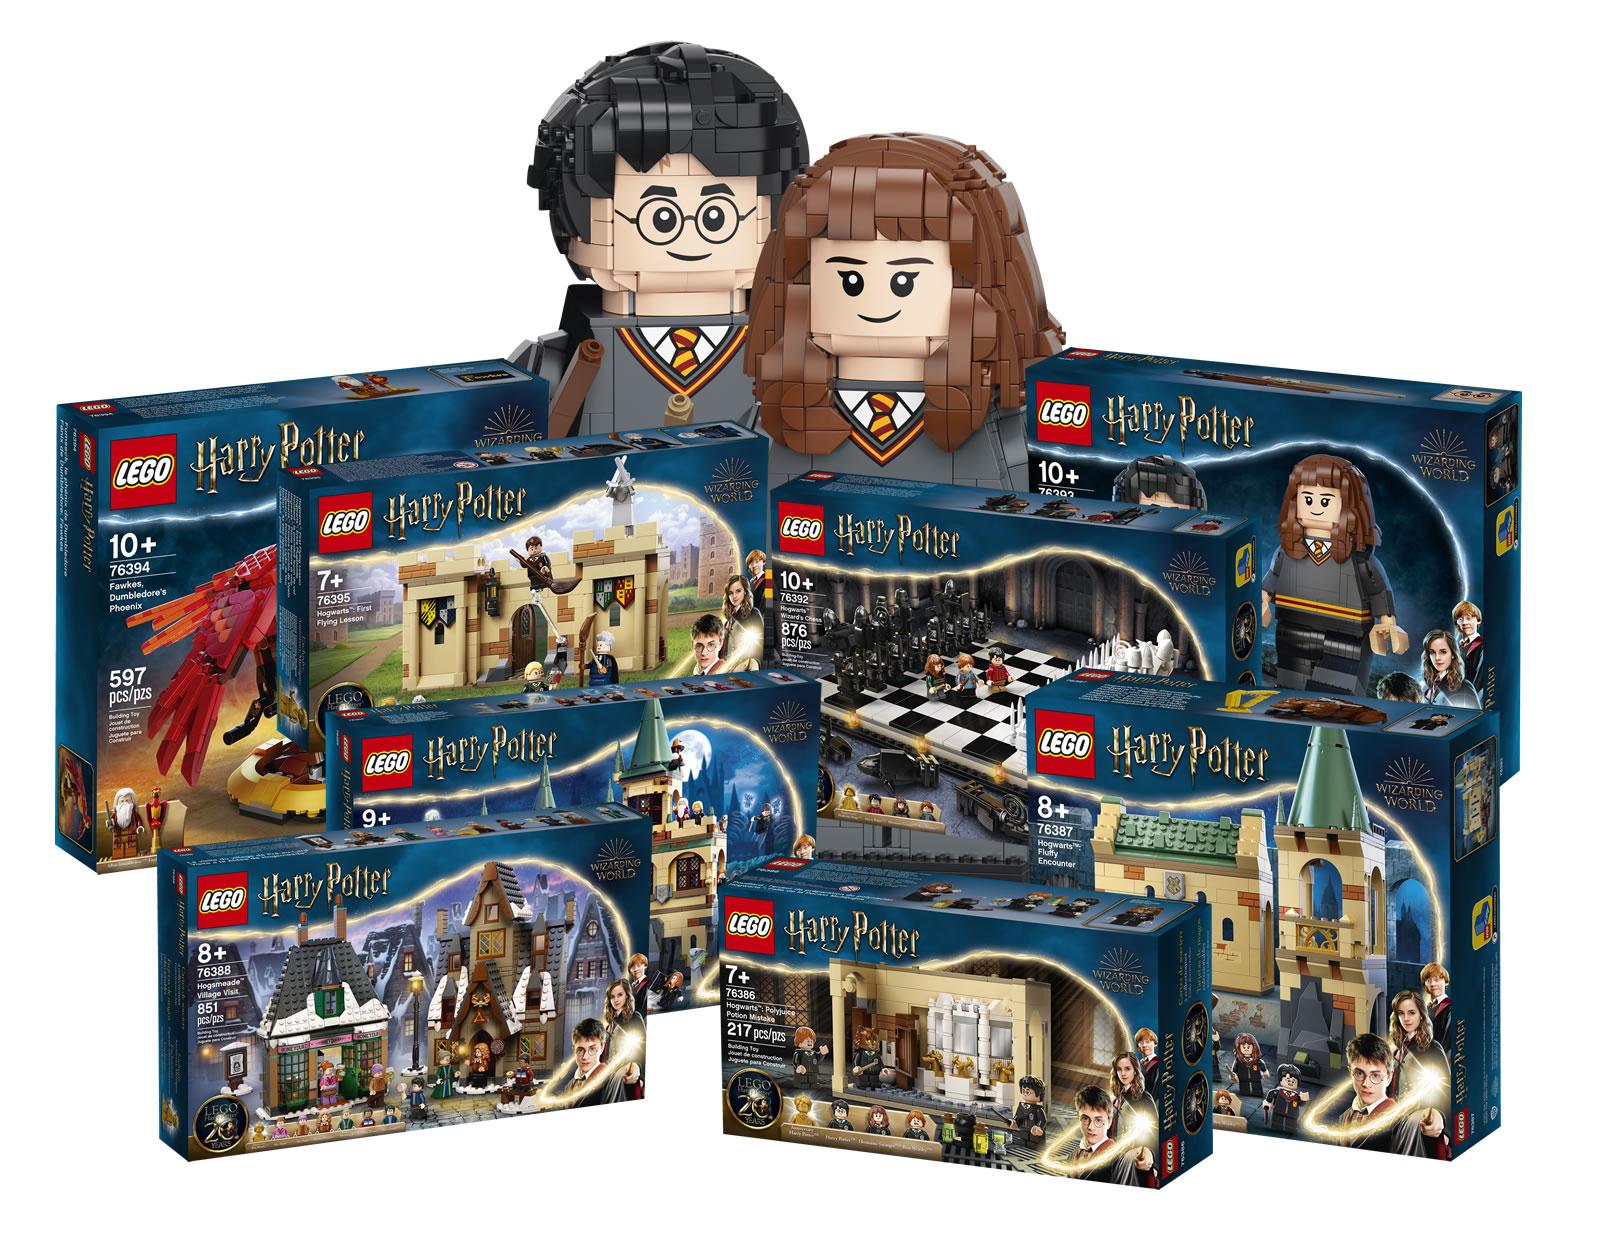 Lego Harry Potter Nachrichten Fur Die Zweite Halfte Des Jahres 2021 Alles Was Sie Wissen Mussen Hoth Bricks